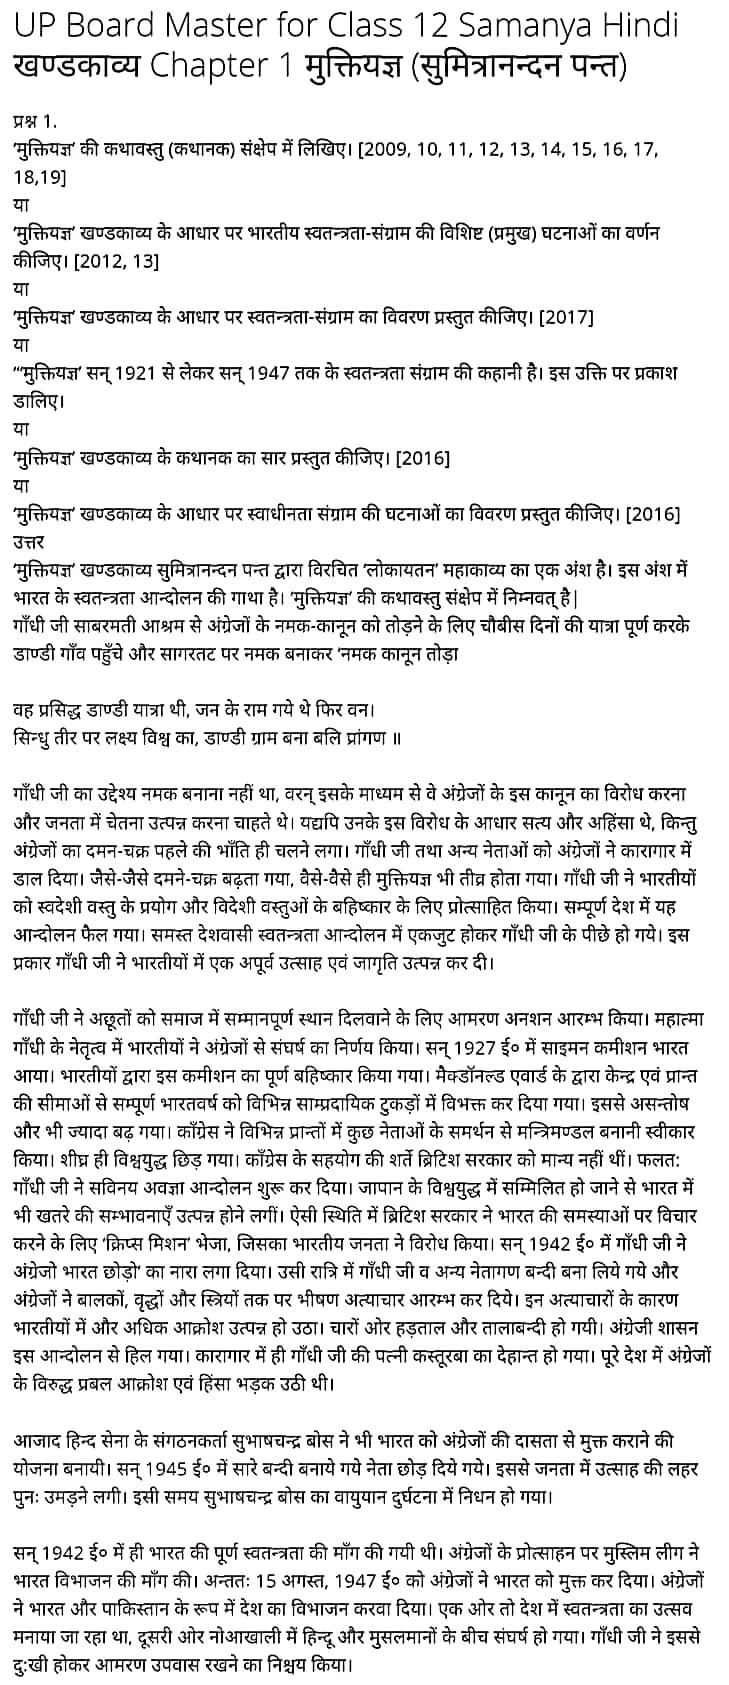 UP Board Solutions for Class 12 Samanya Hindi खण्डकाव्य Chapter 1 मुक्तियज्ञ (सुमित्रानन्दन पन्त)